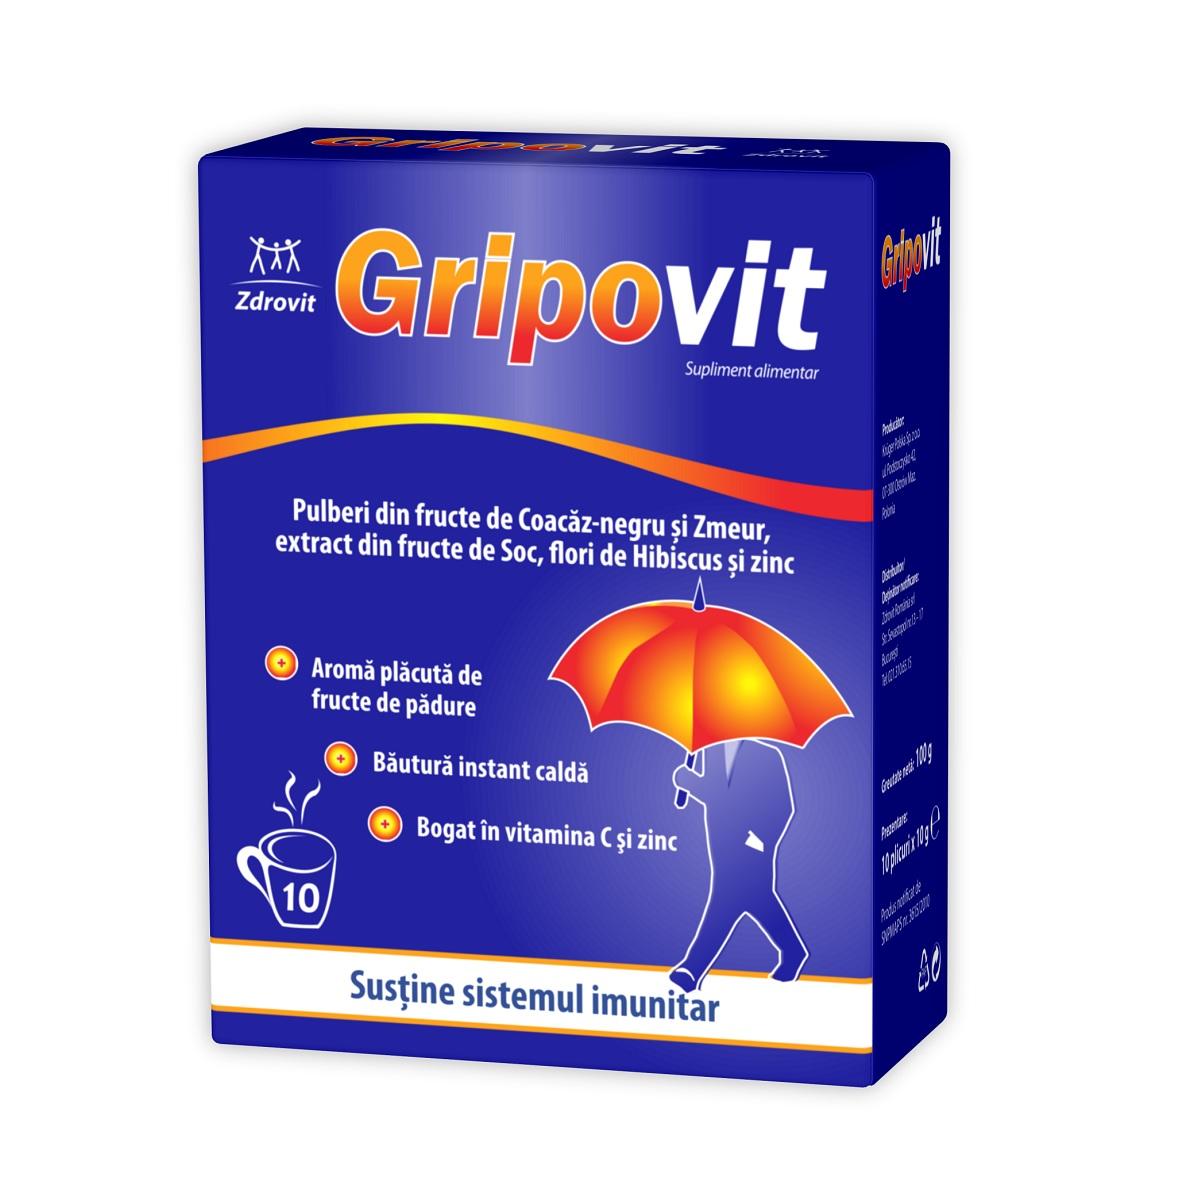 Gripovit, 10 plicuri, Zdrovit imagine produs 2021